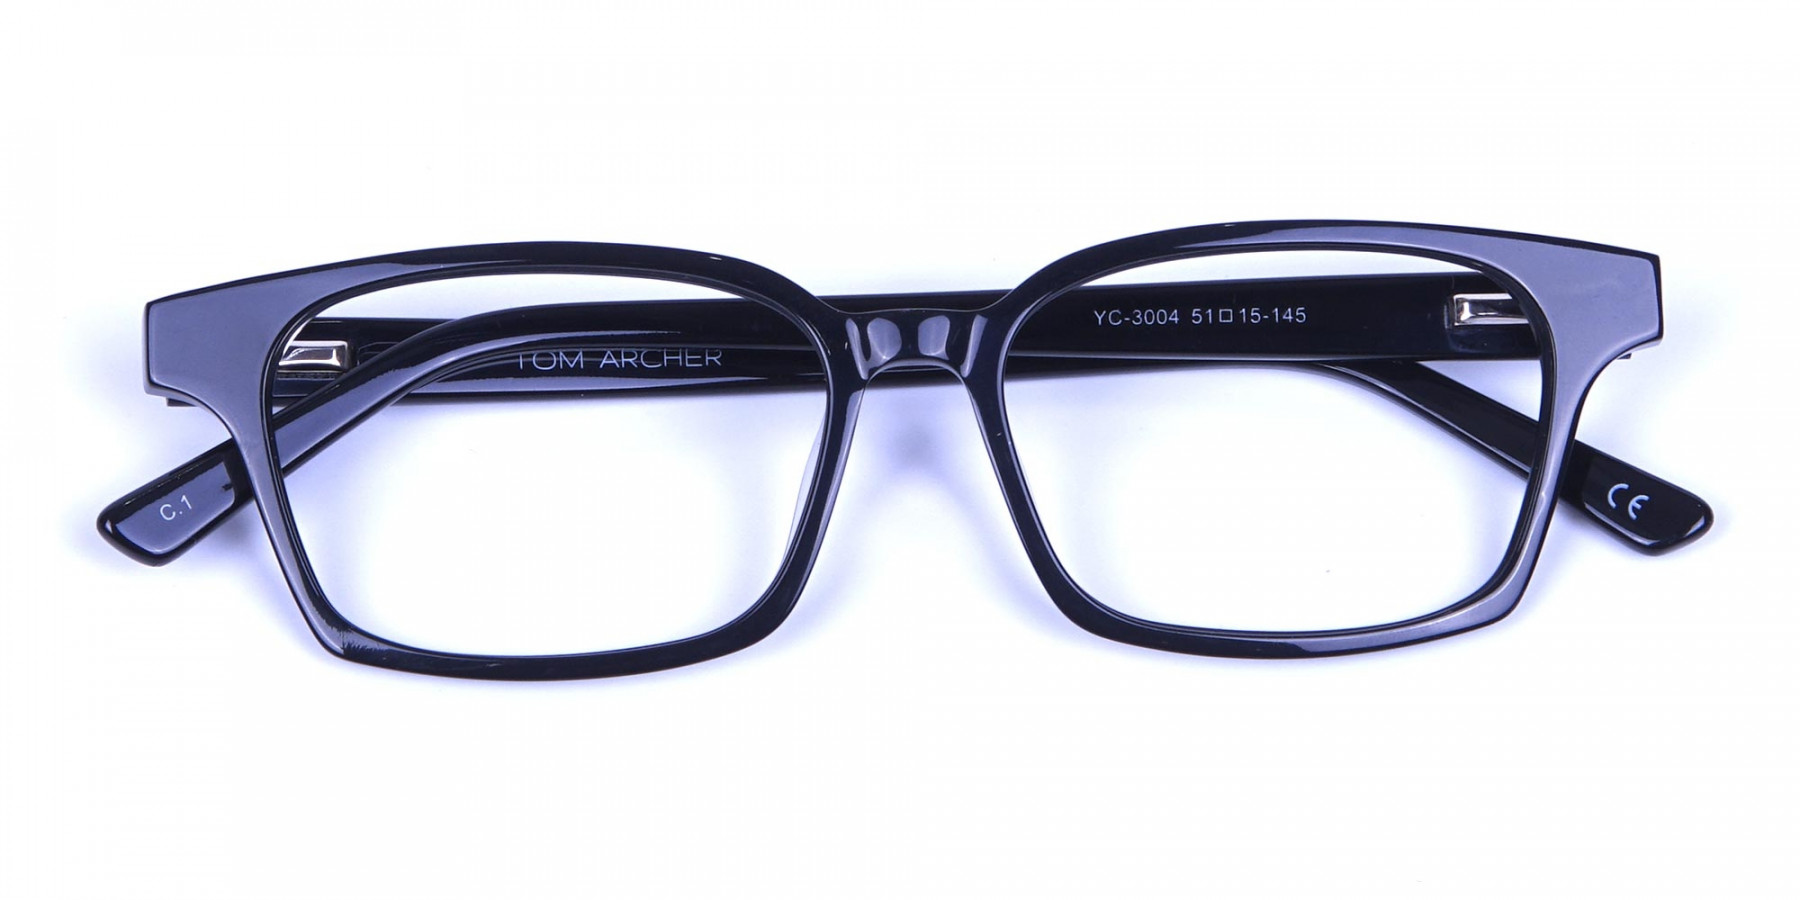 Sleek Black Rectangulars